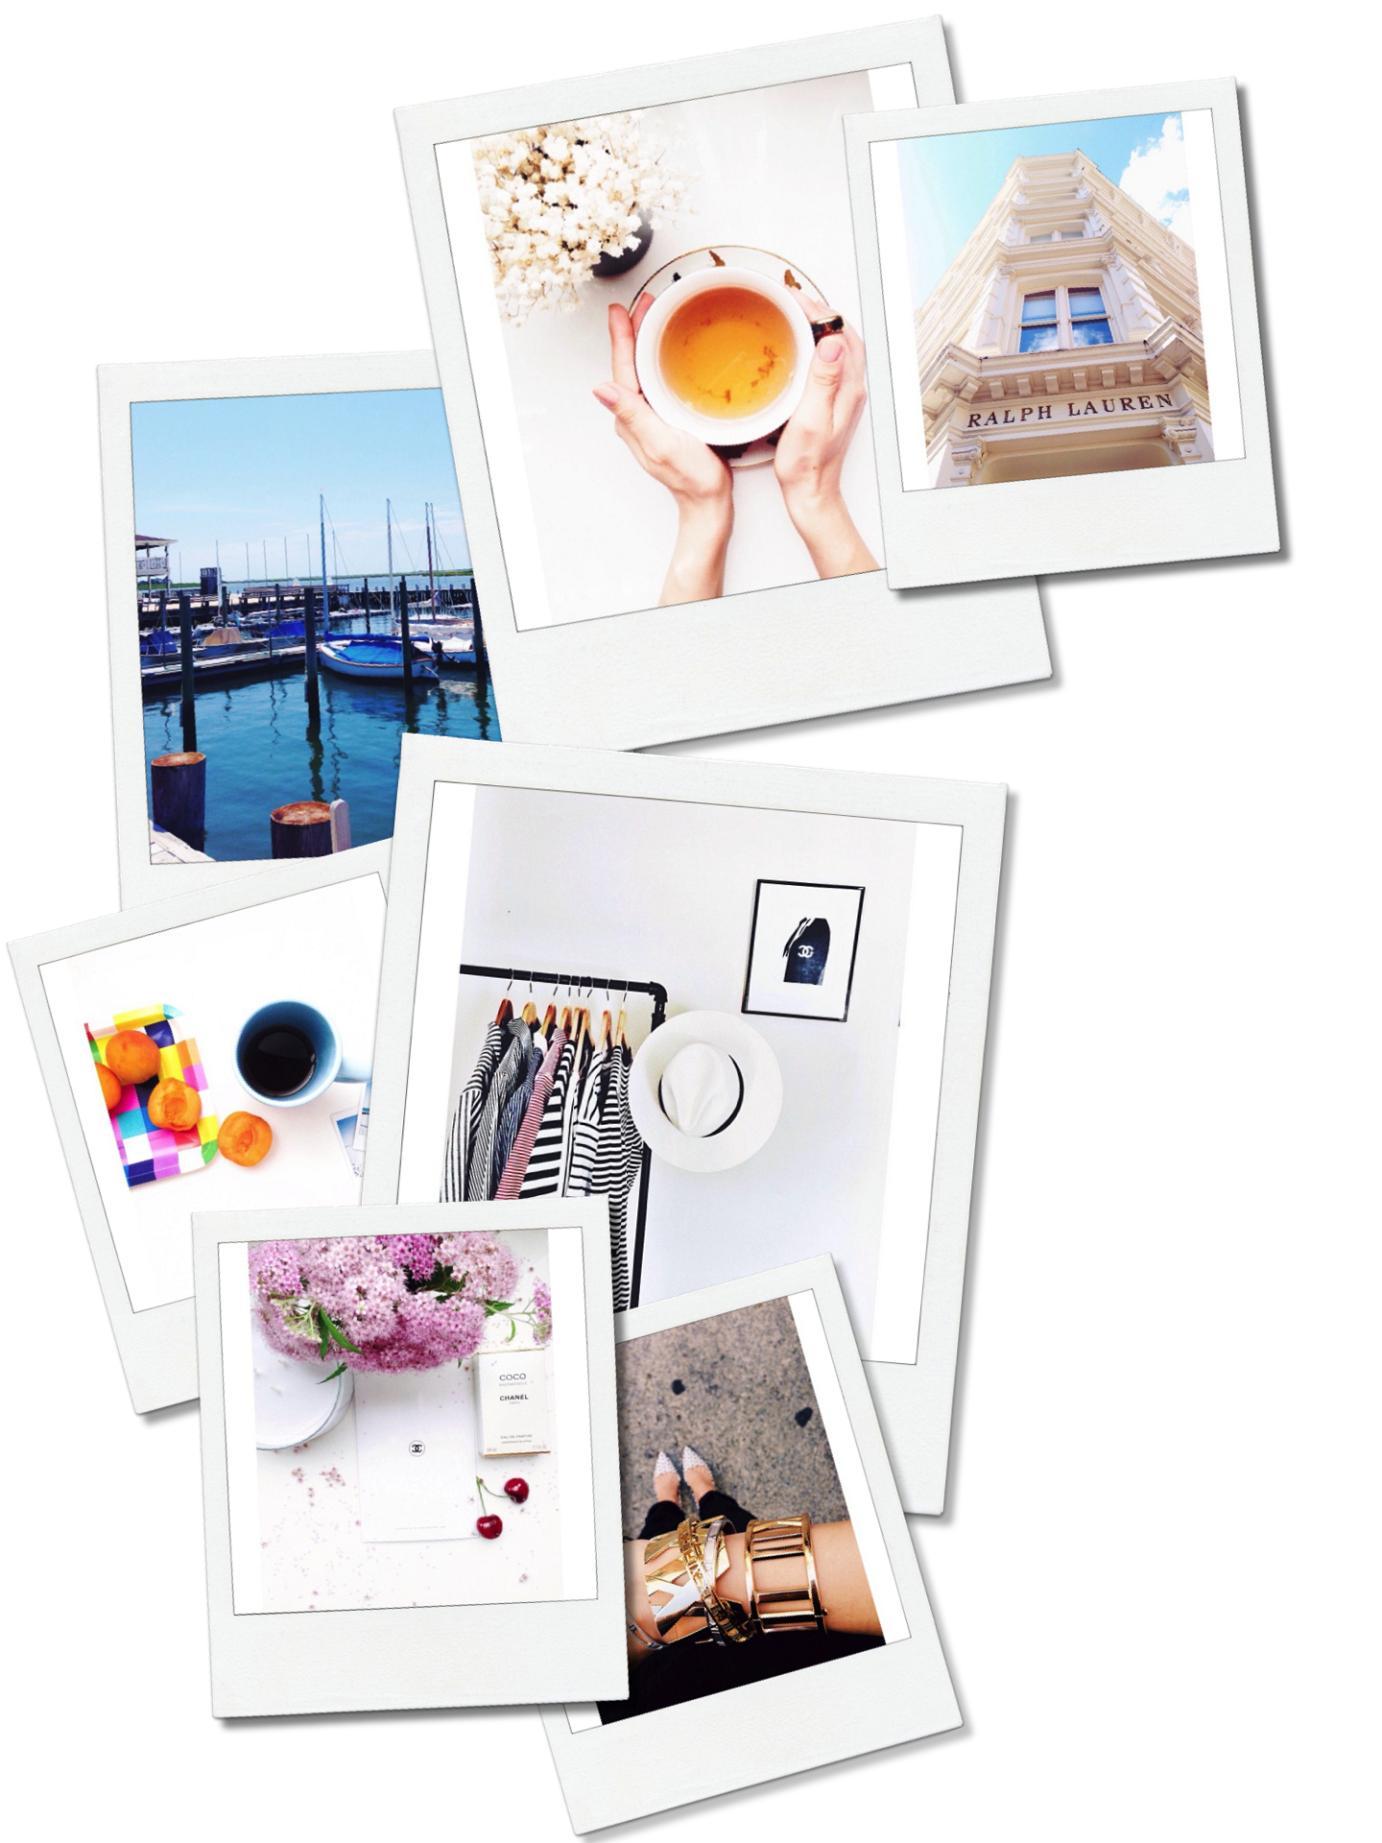 Bittersweet Colours Instagram, Instgram, chanell espadrilles, new york, ocean,